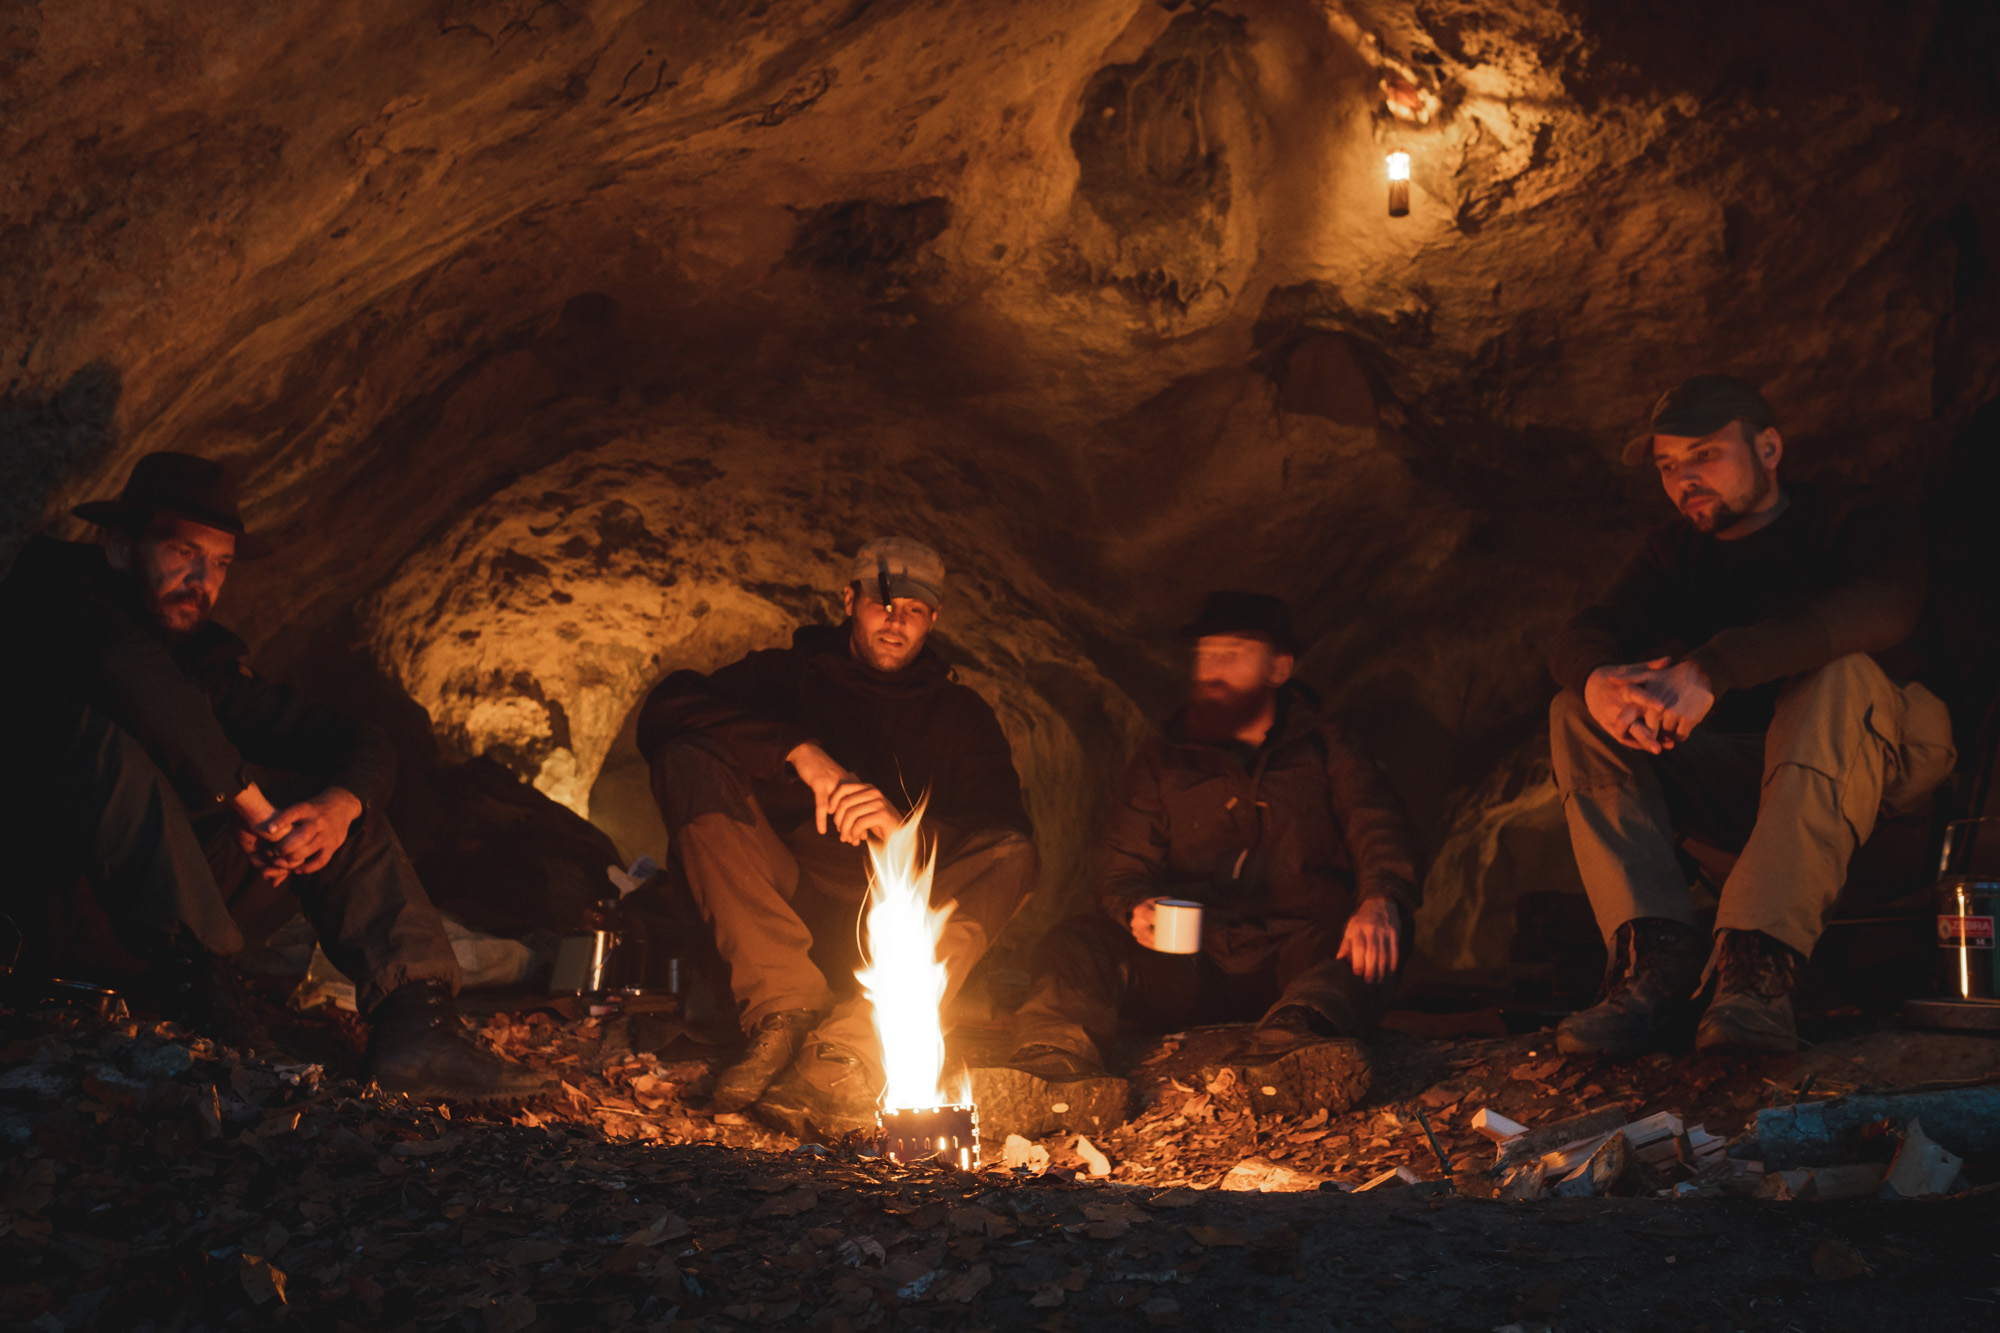 Naturbursche Markus - Oberneder Höhle - Overnighter - Biwaksack - Höhlenübernachtung_0050